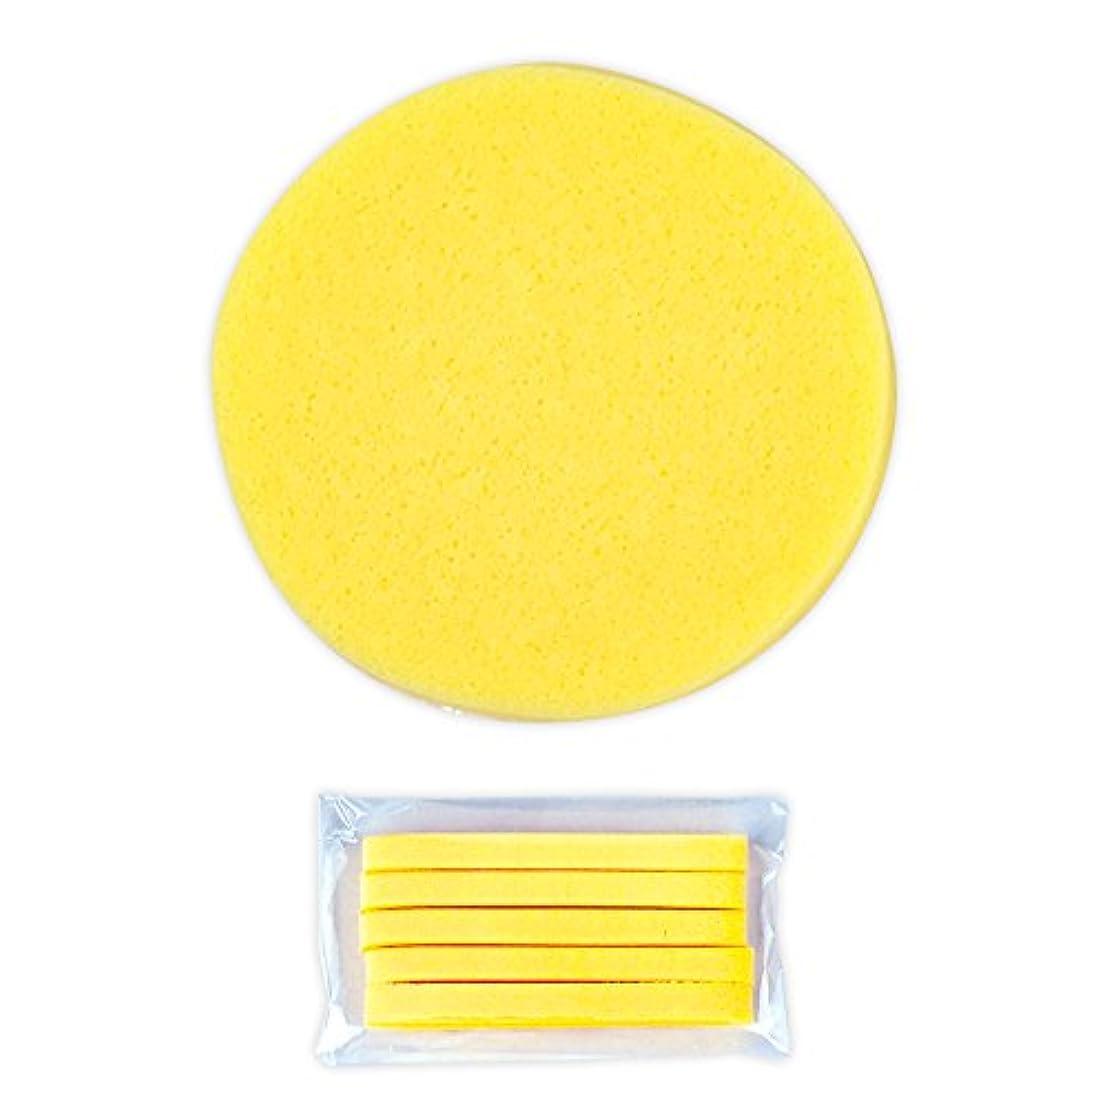 ドキドキ赤外線アンソロジーフェイシャルスポンジ <細目 7mm 円形コンパクト>(イエロー, 5枚セット) サロン用品 エステ フェイススポンジ マッサージスポンジ スポンジ